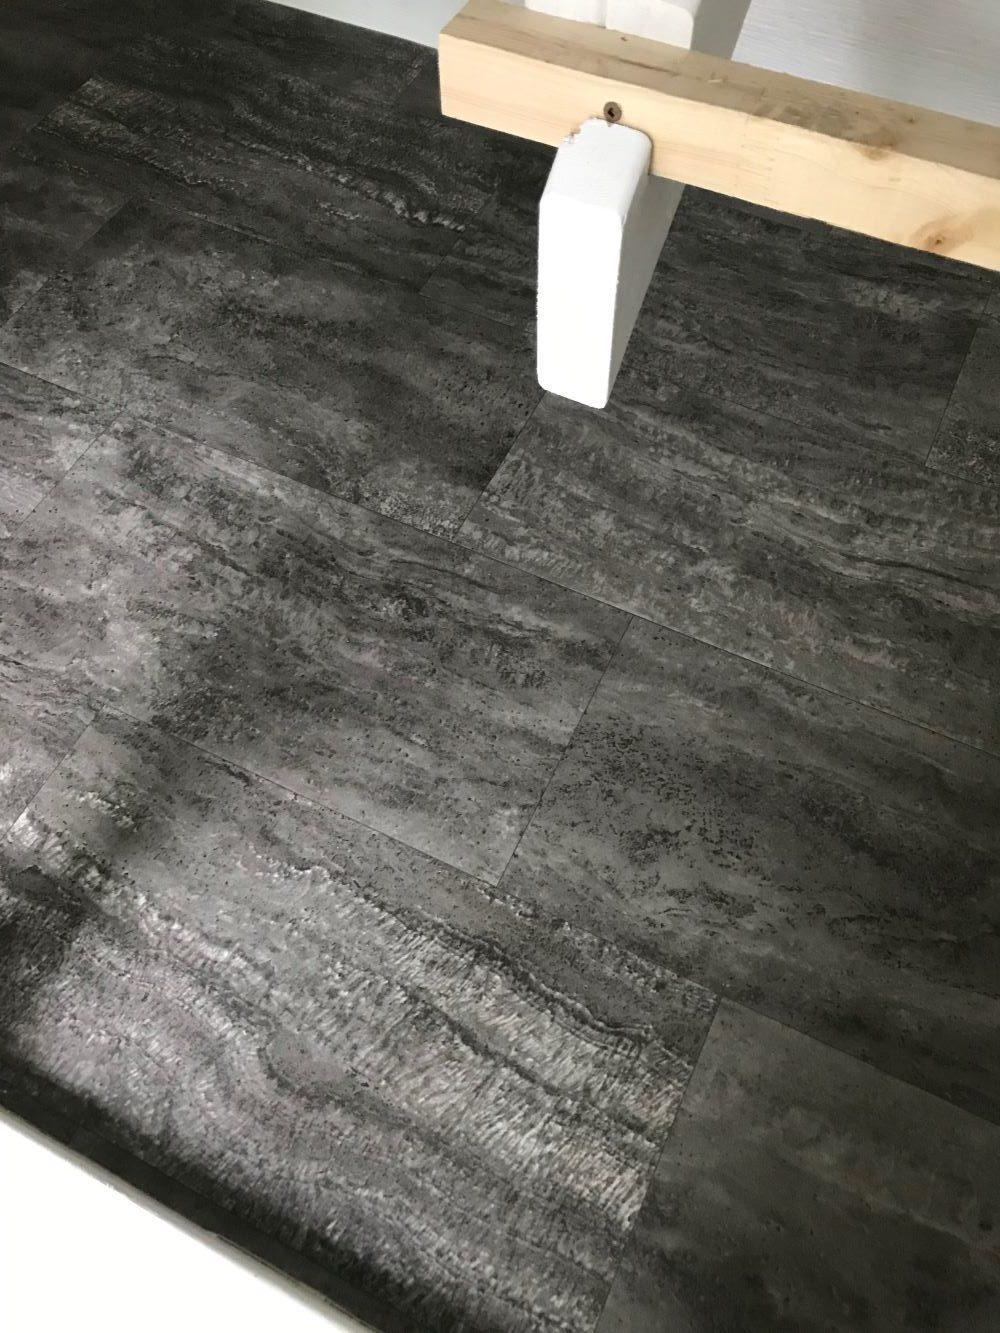 Why a Coop Needs a Vinyl Floor